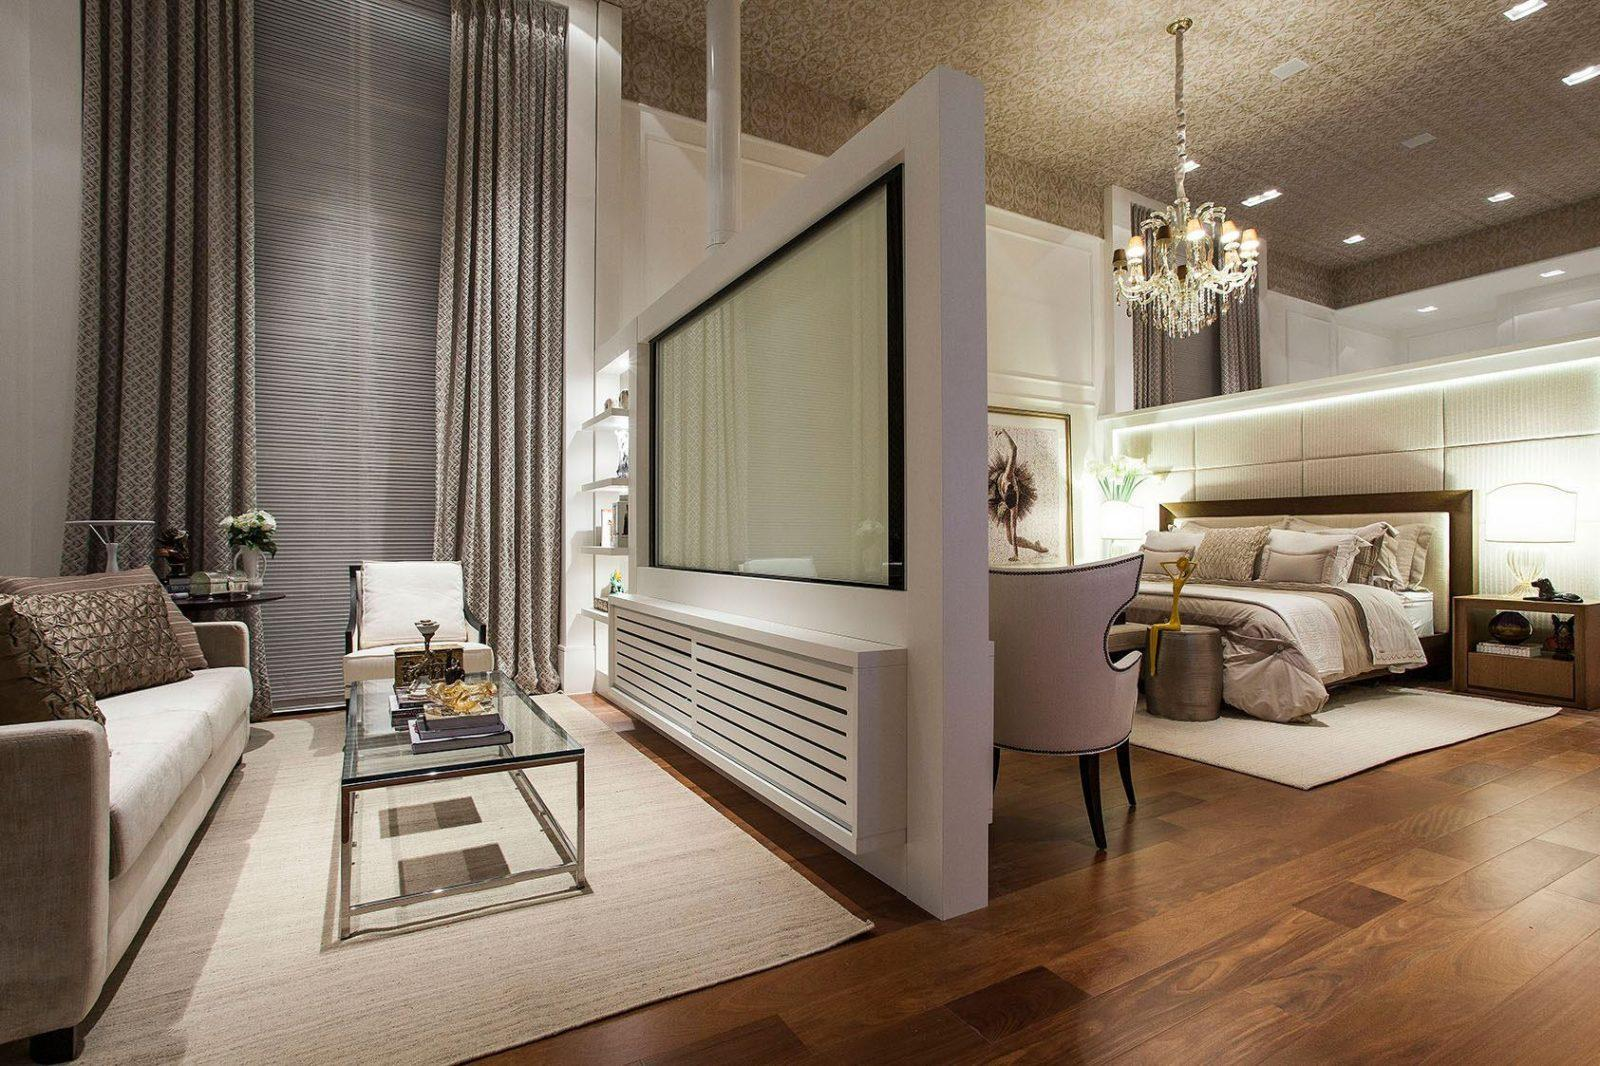 Люстры для спальни: 60 моделей в интерьере 7 | Дока-Мастер